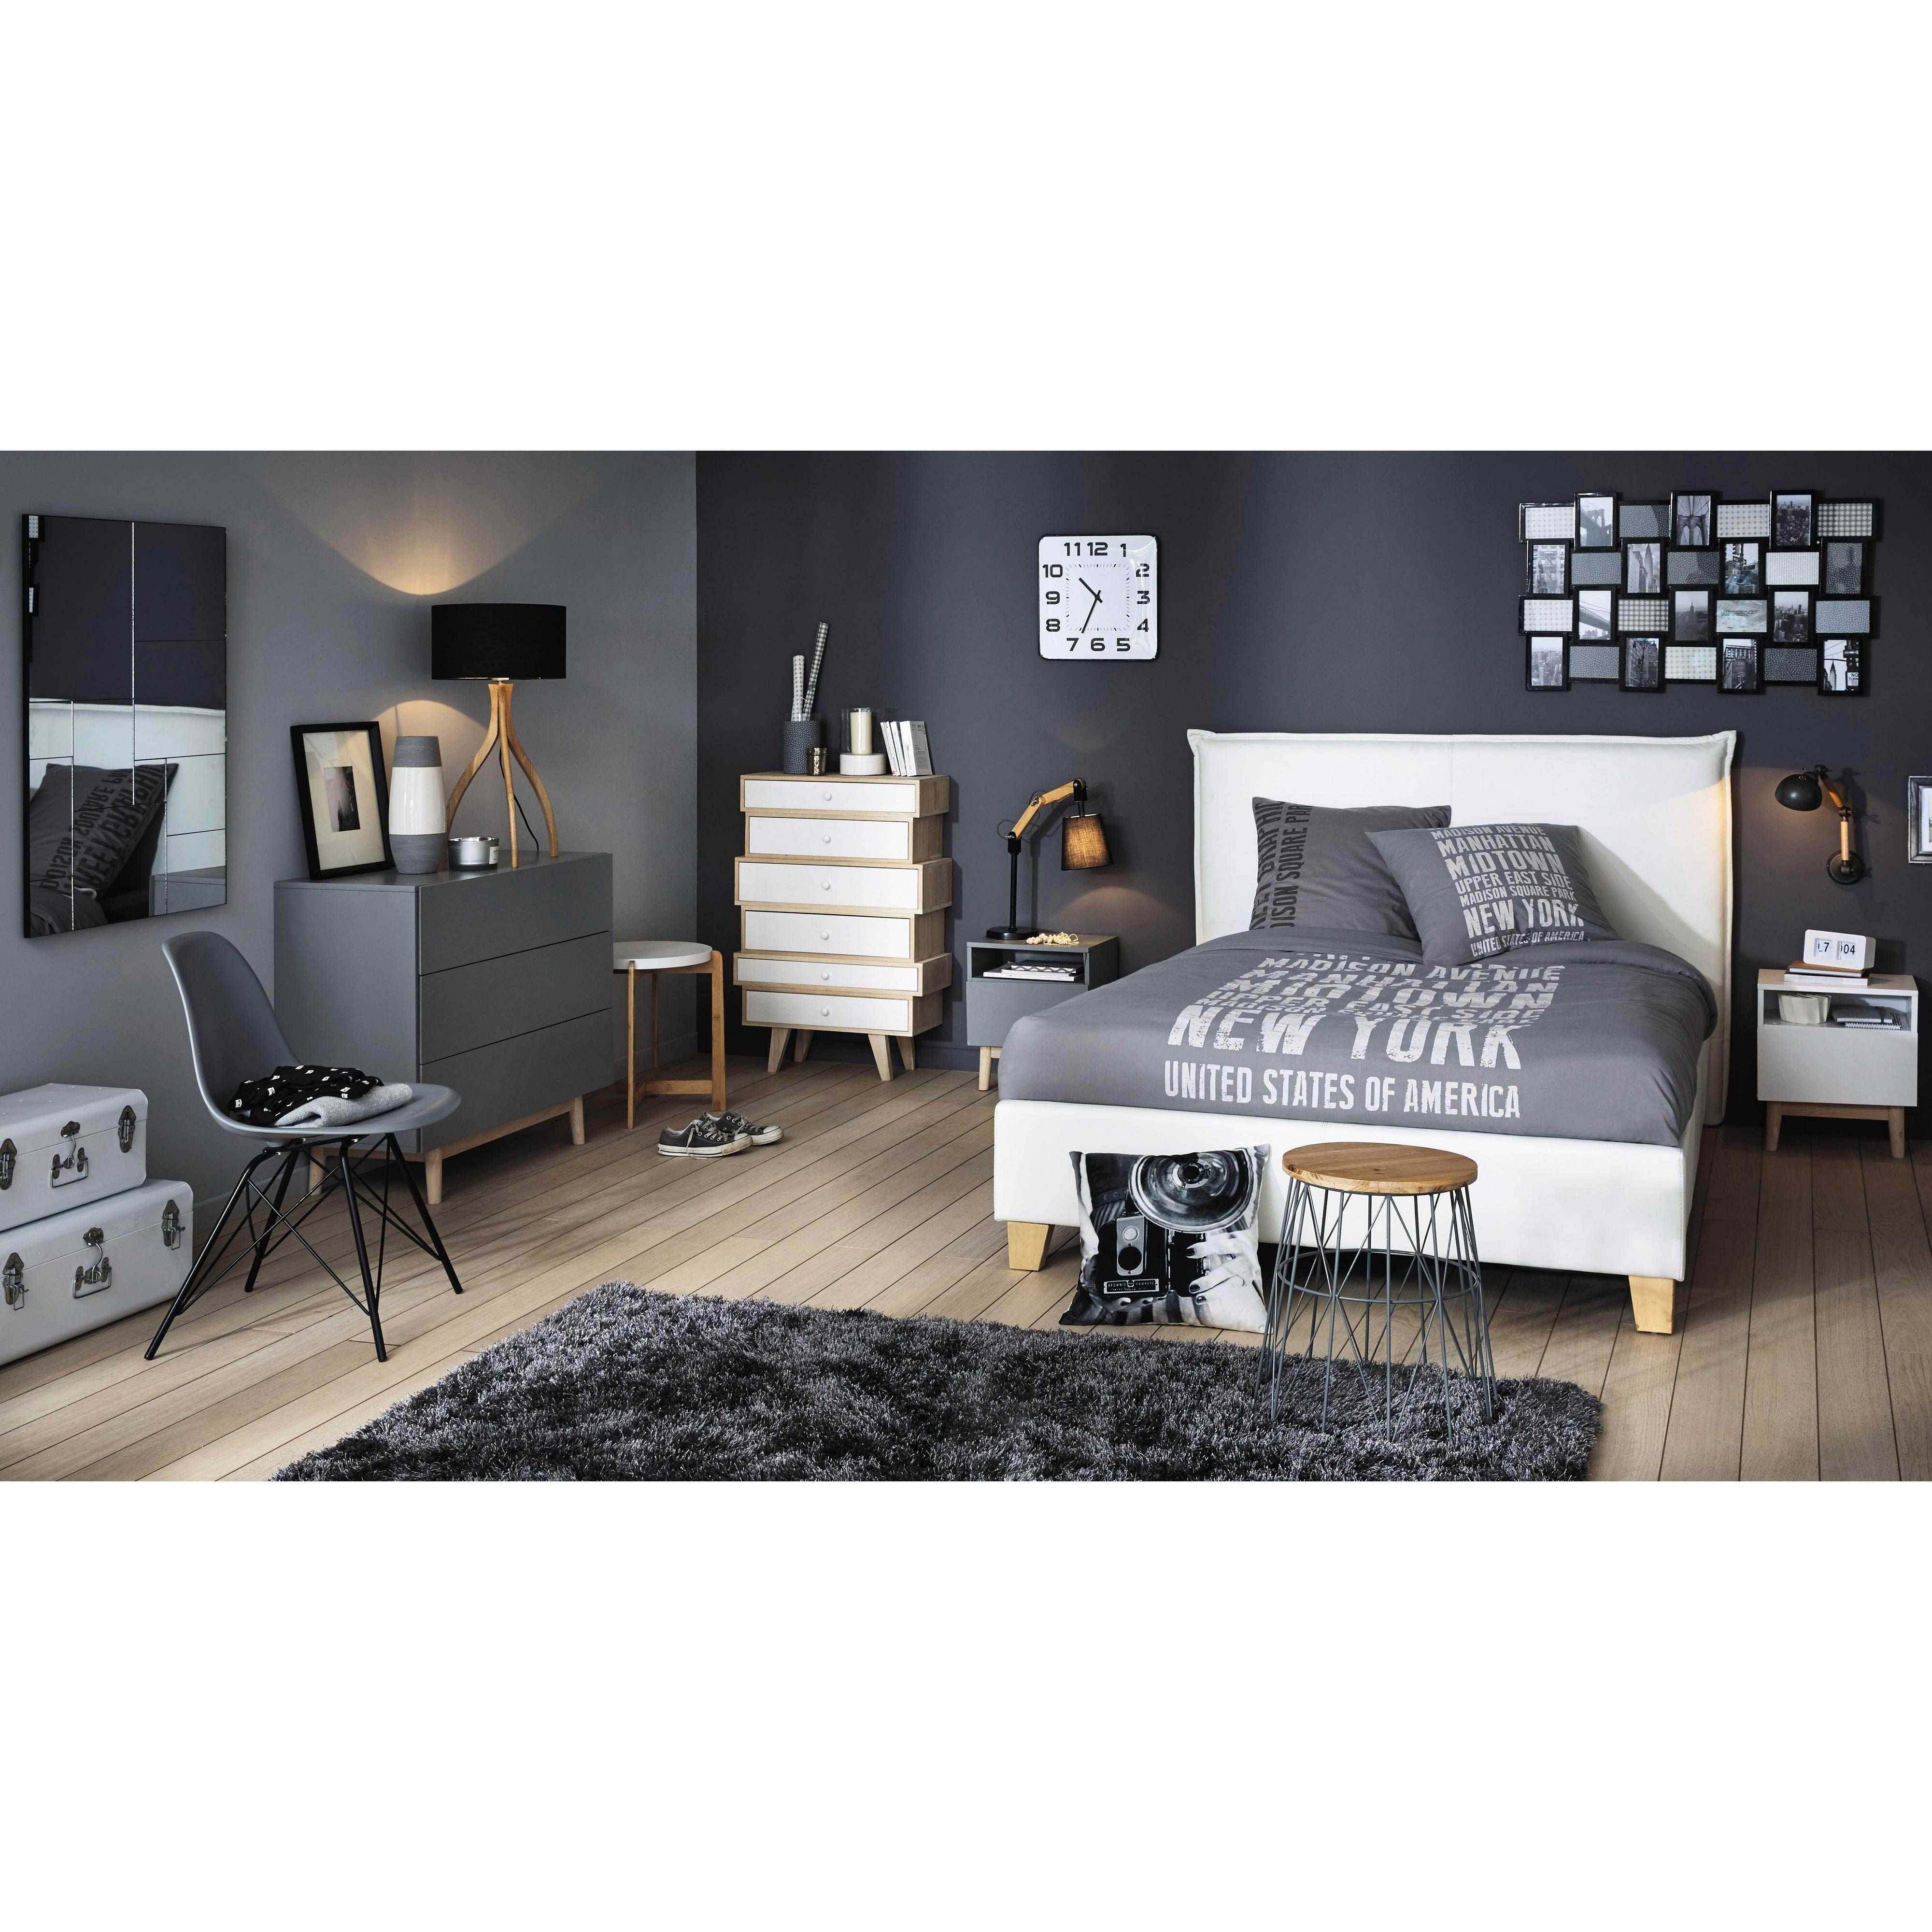 Nachttisch Im Vintage Stil Aus Holz, B 40 Cm, Grau Artic | Maisons